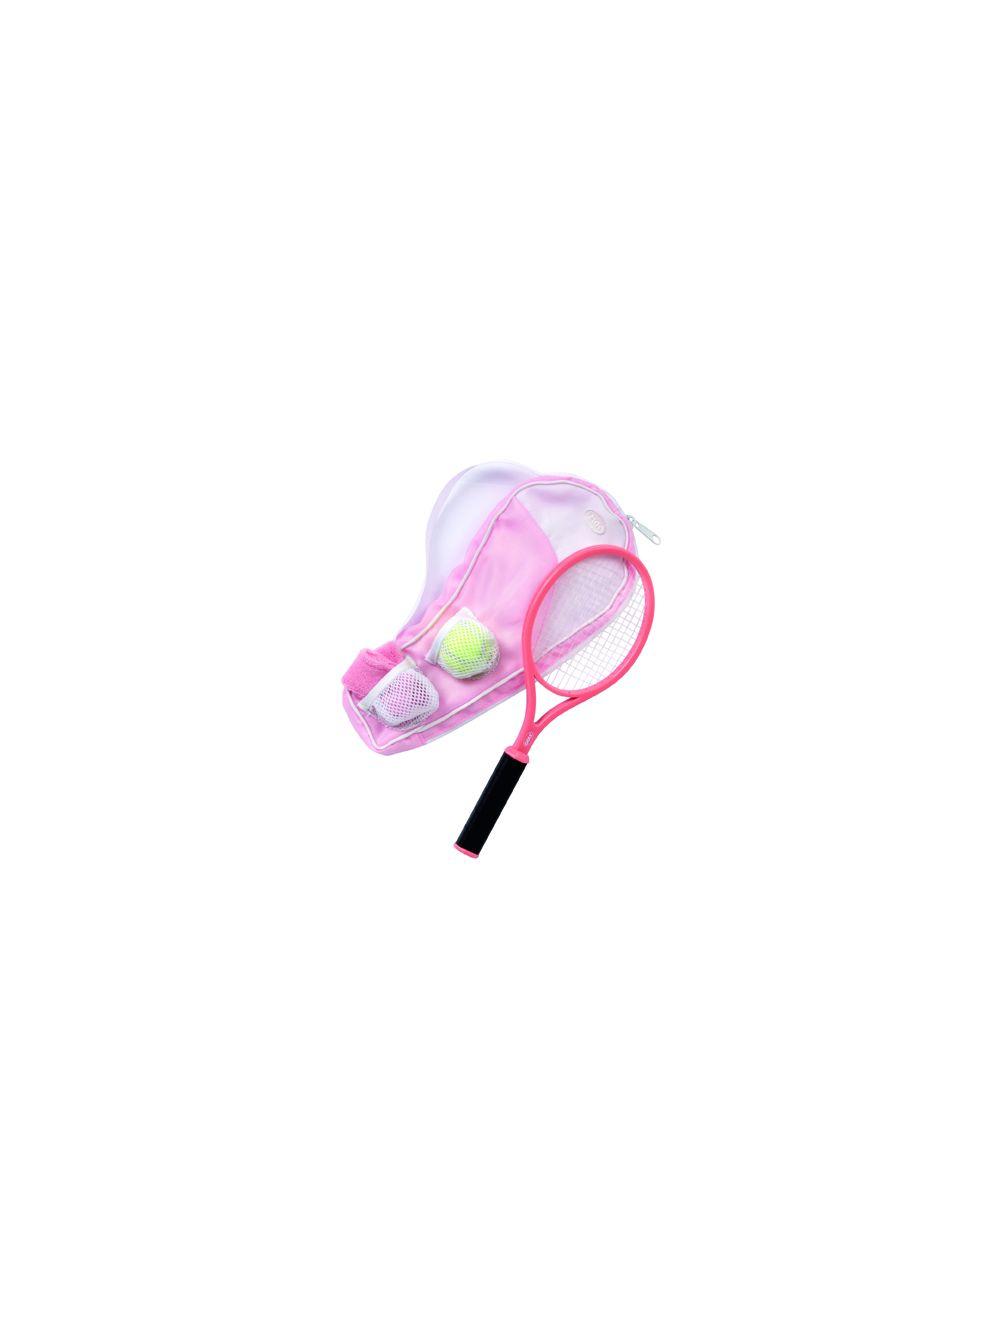 Tennisereketi komplekt